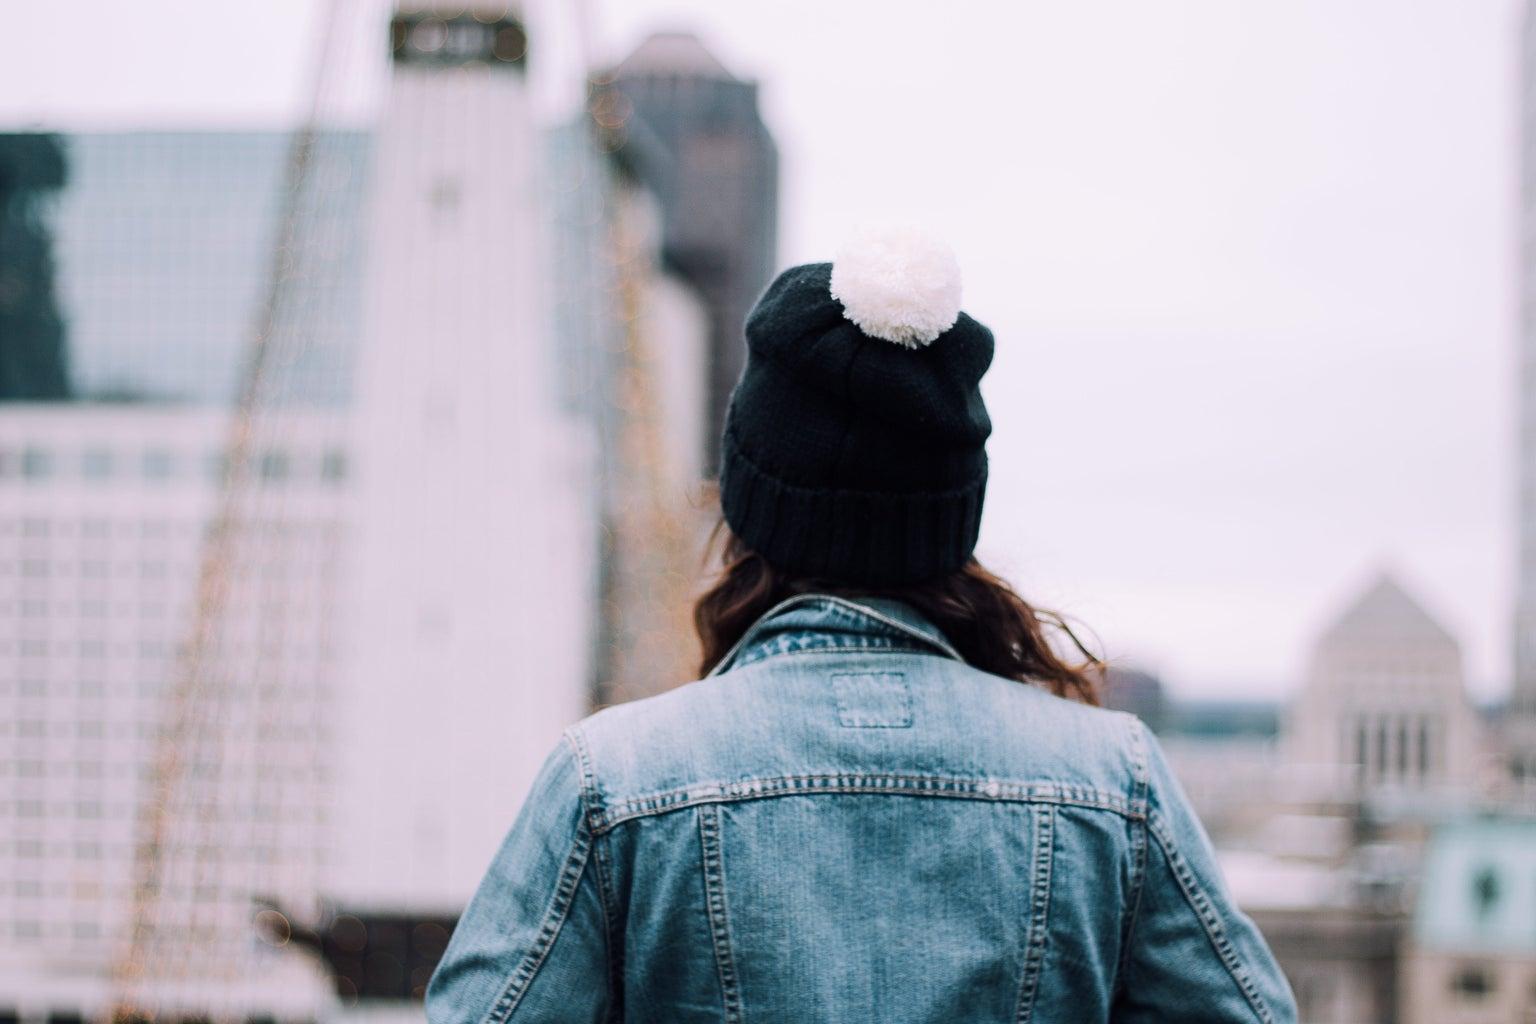 Jean Jacket With Pom Pom Beanie In The City 1